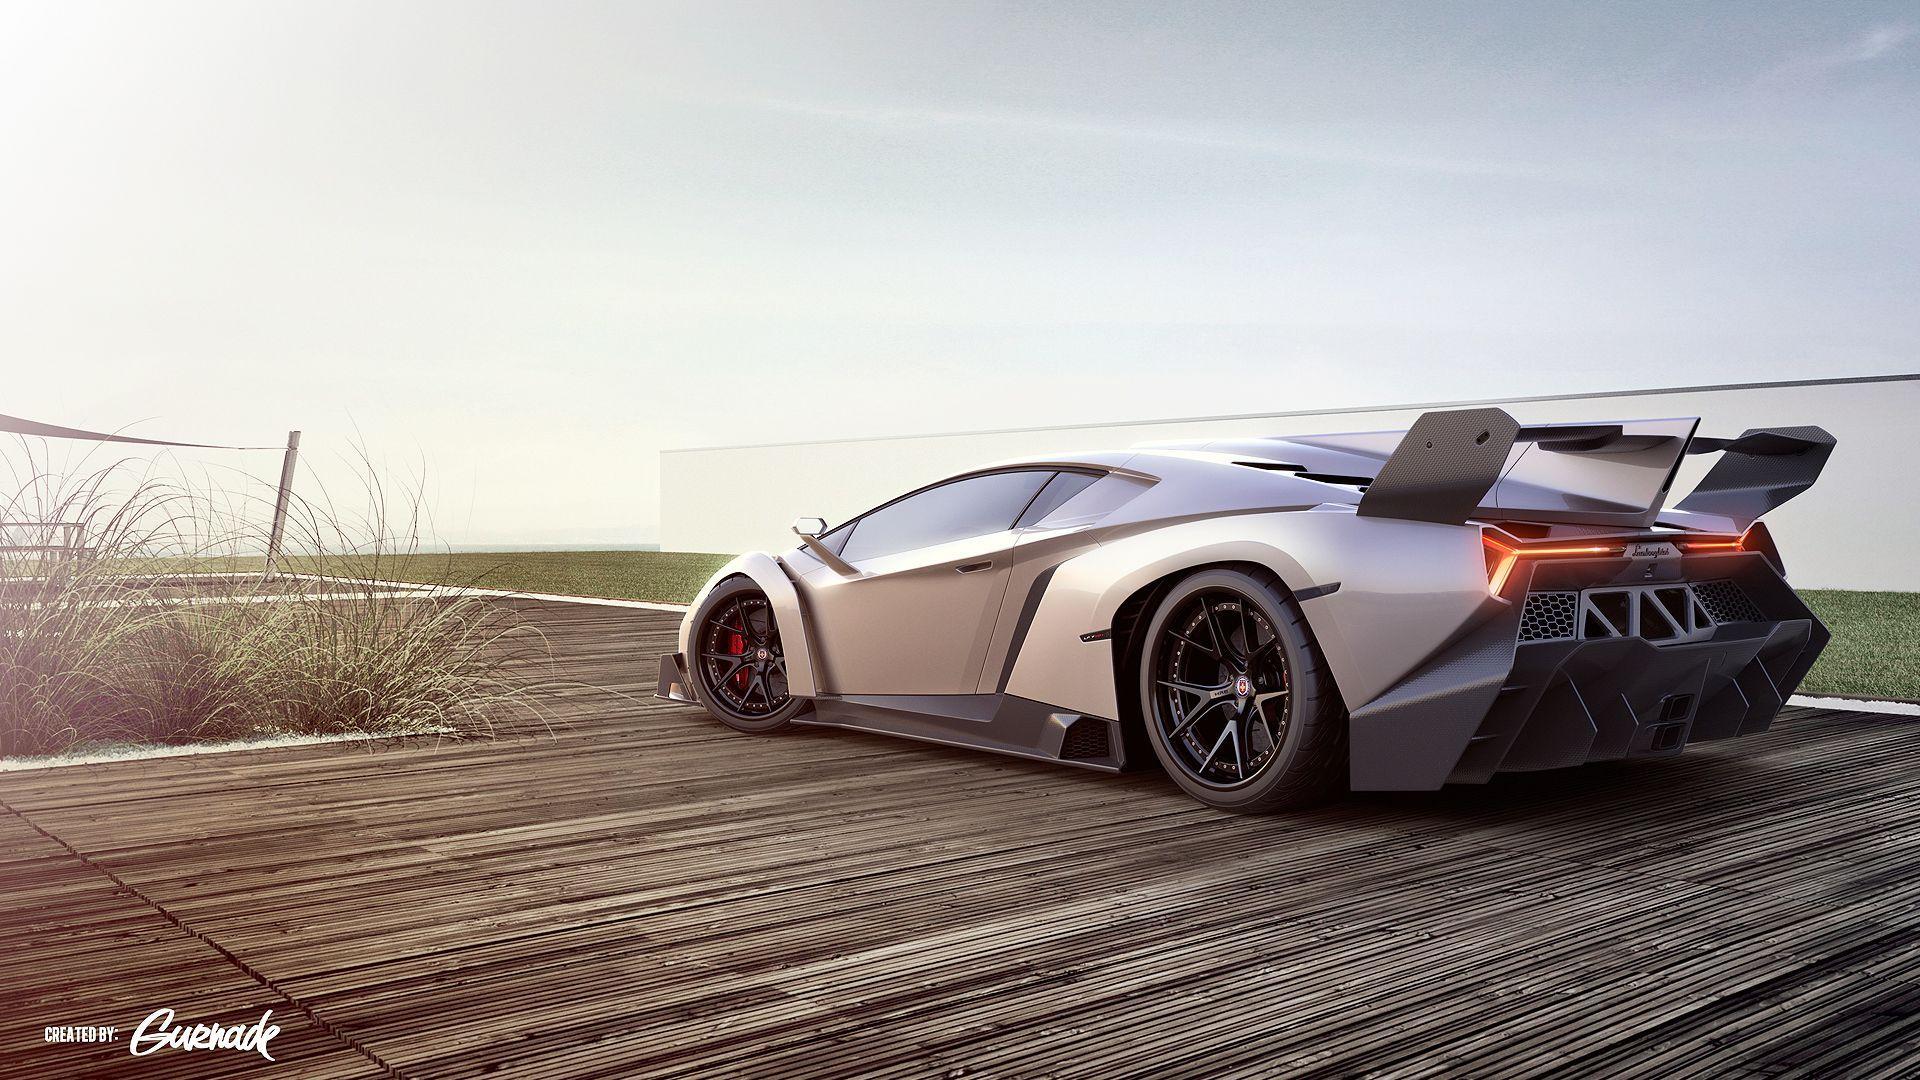 Lamborghini Car Hd Wallpapers Top Free Lamborghini Car Hd